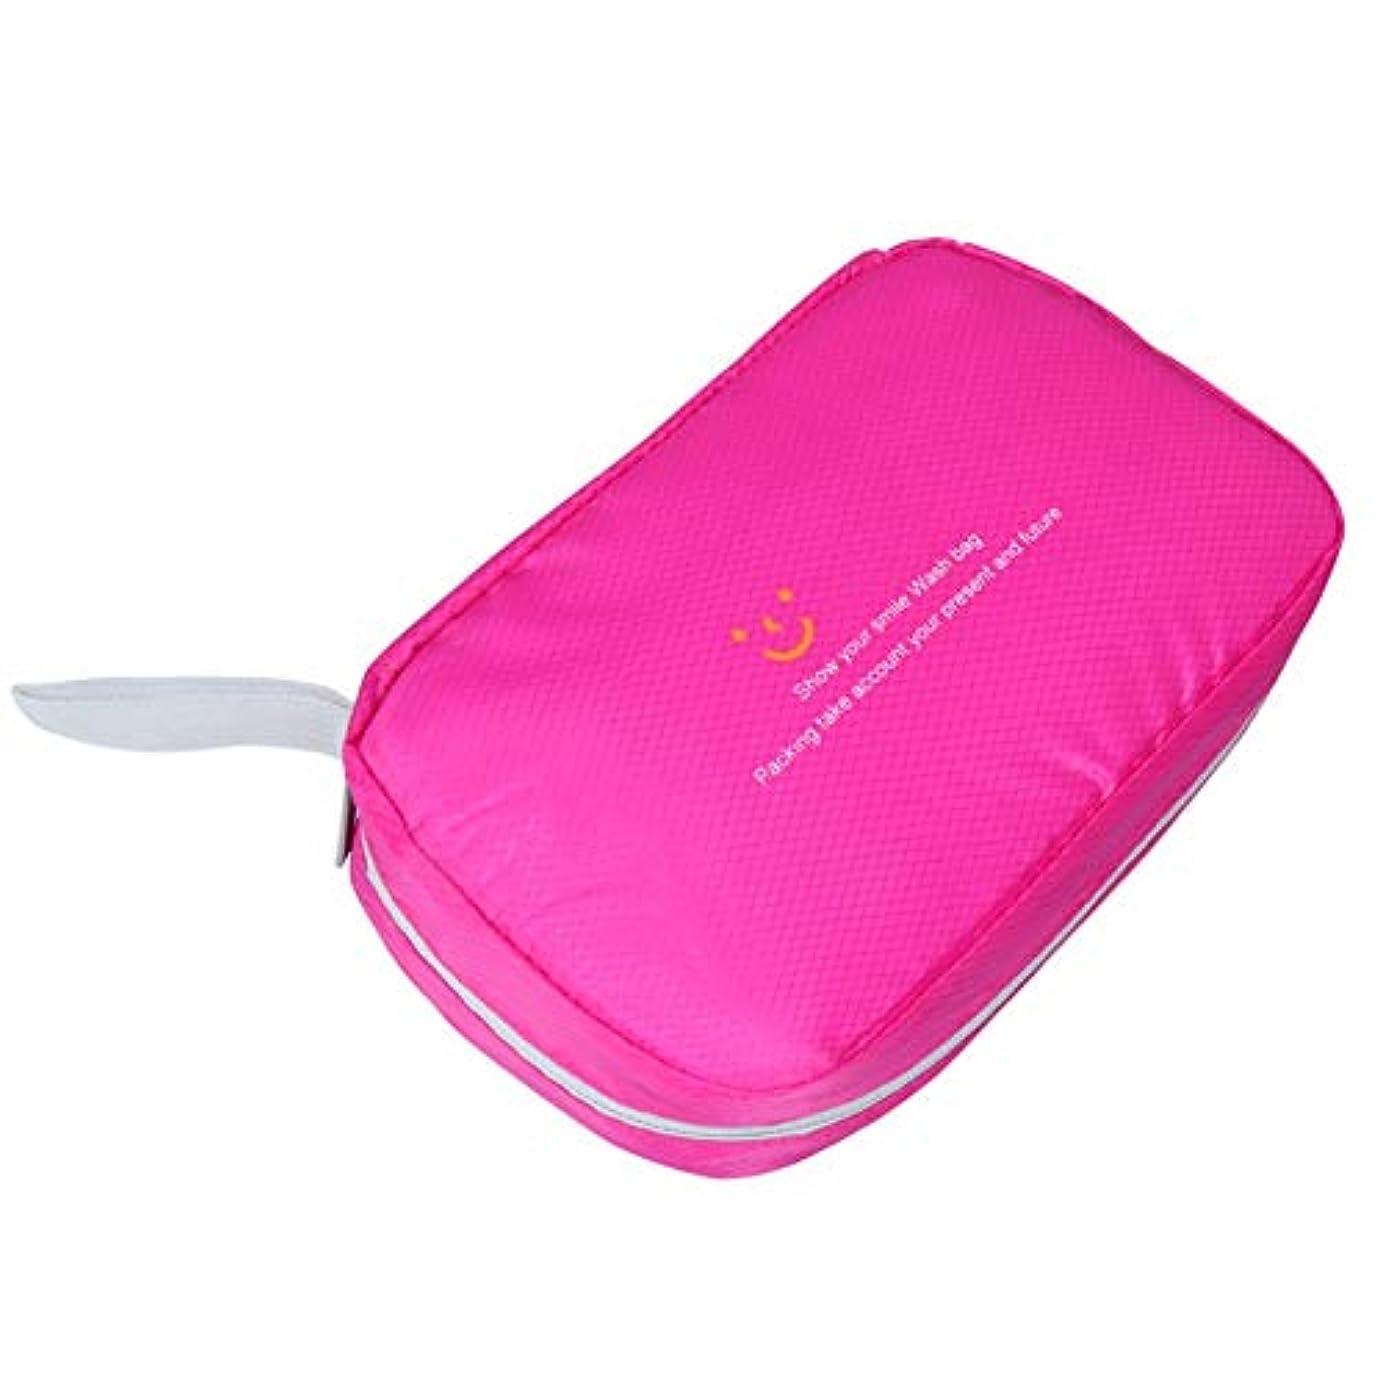 重荷自分を引き上げる露骨な特大スペース収納ビューティーボックス 美の構造のためそしてジッパーおよび折る皿が付いている女の子の女性旅行そして毎日の貯蔵のための高容量の携帯用化粧品袋 化粧品化粧台 (色 : ピンク)